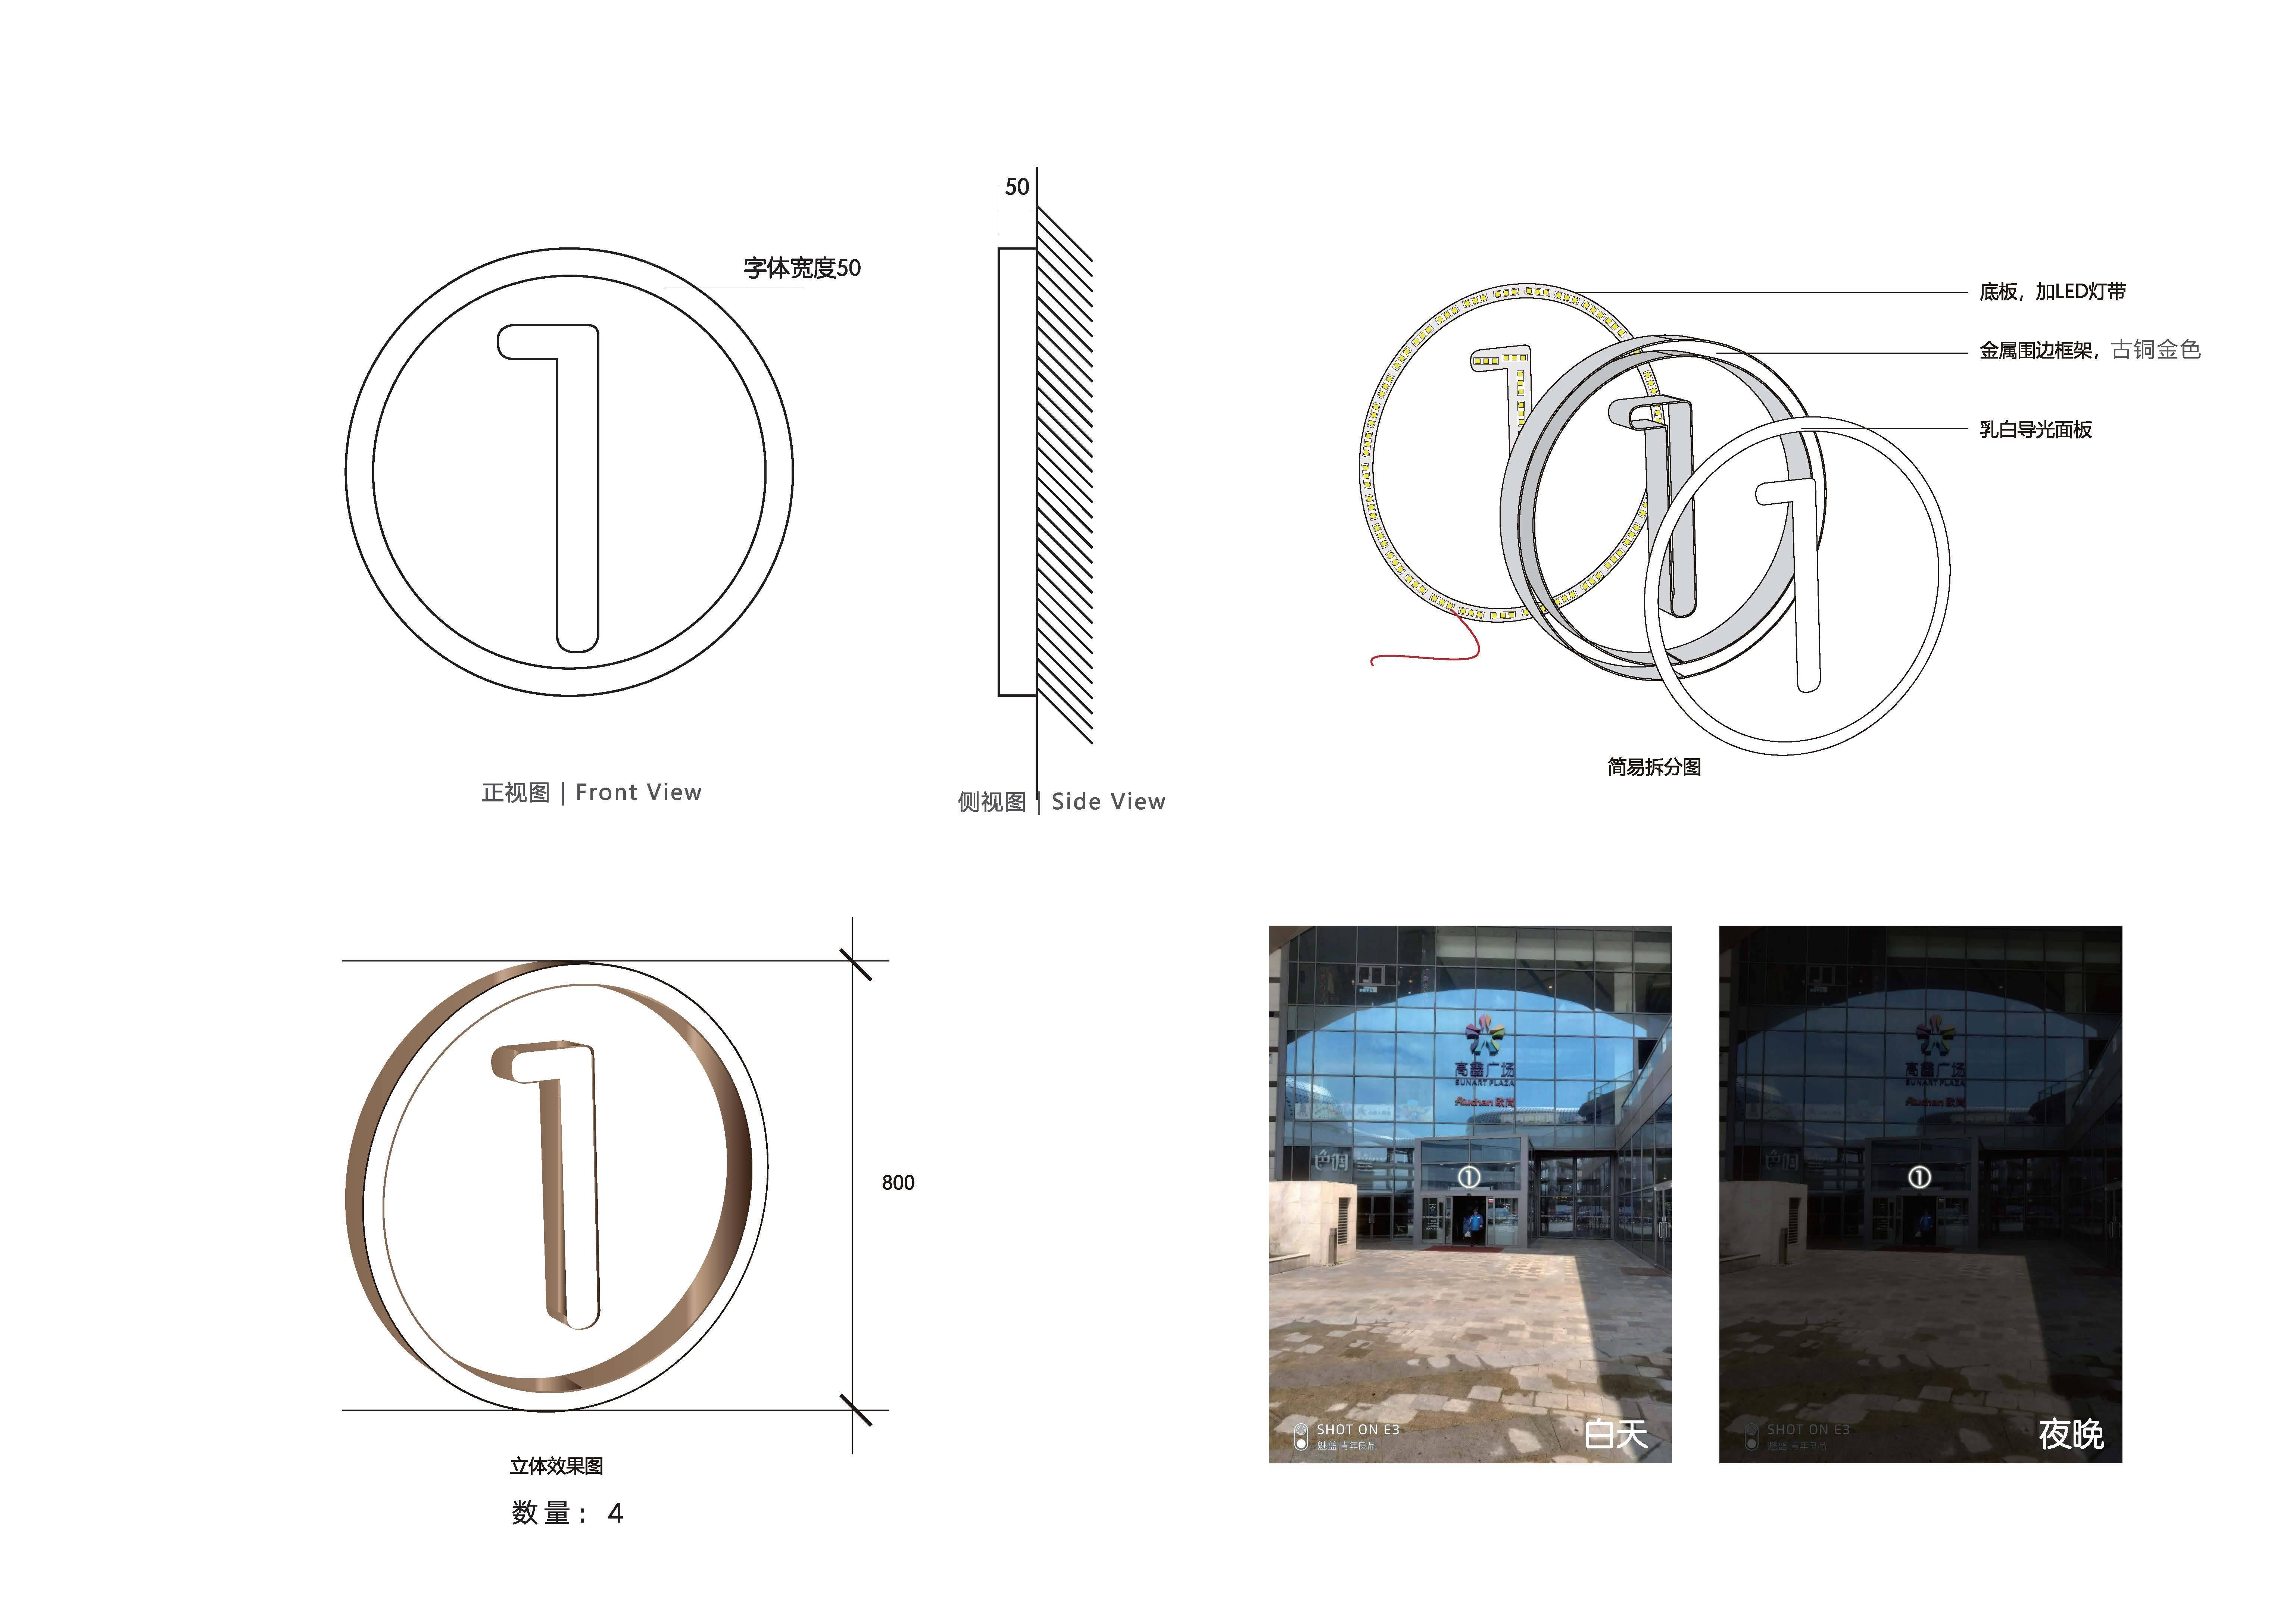 高鑫广场商业标识导视系统方案